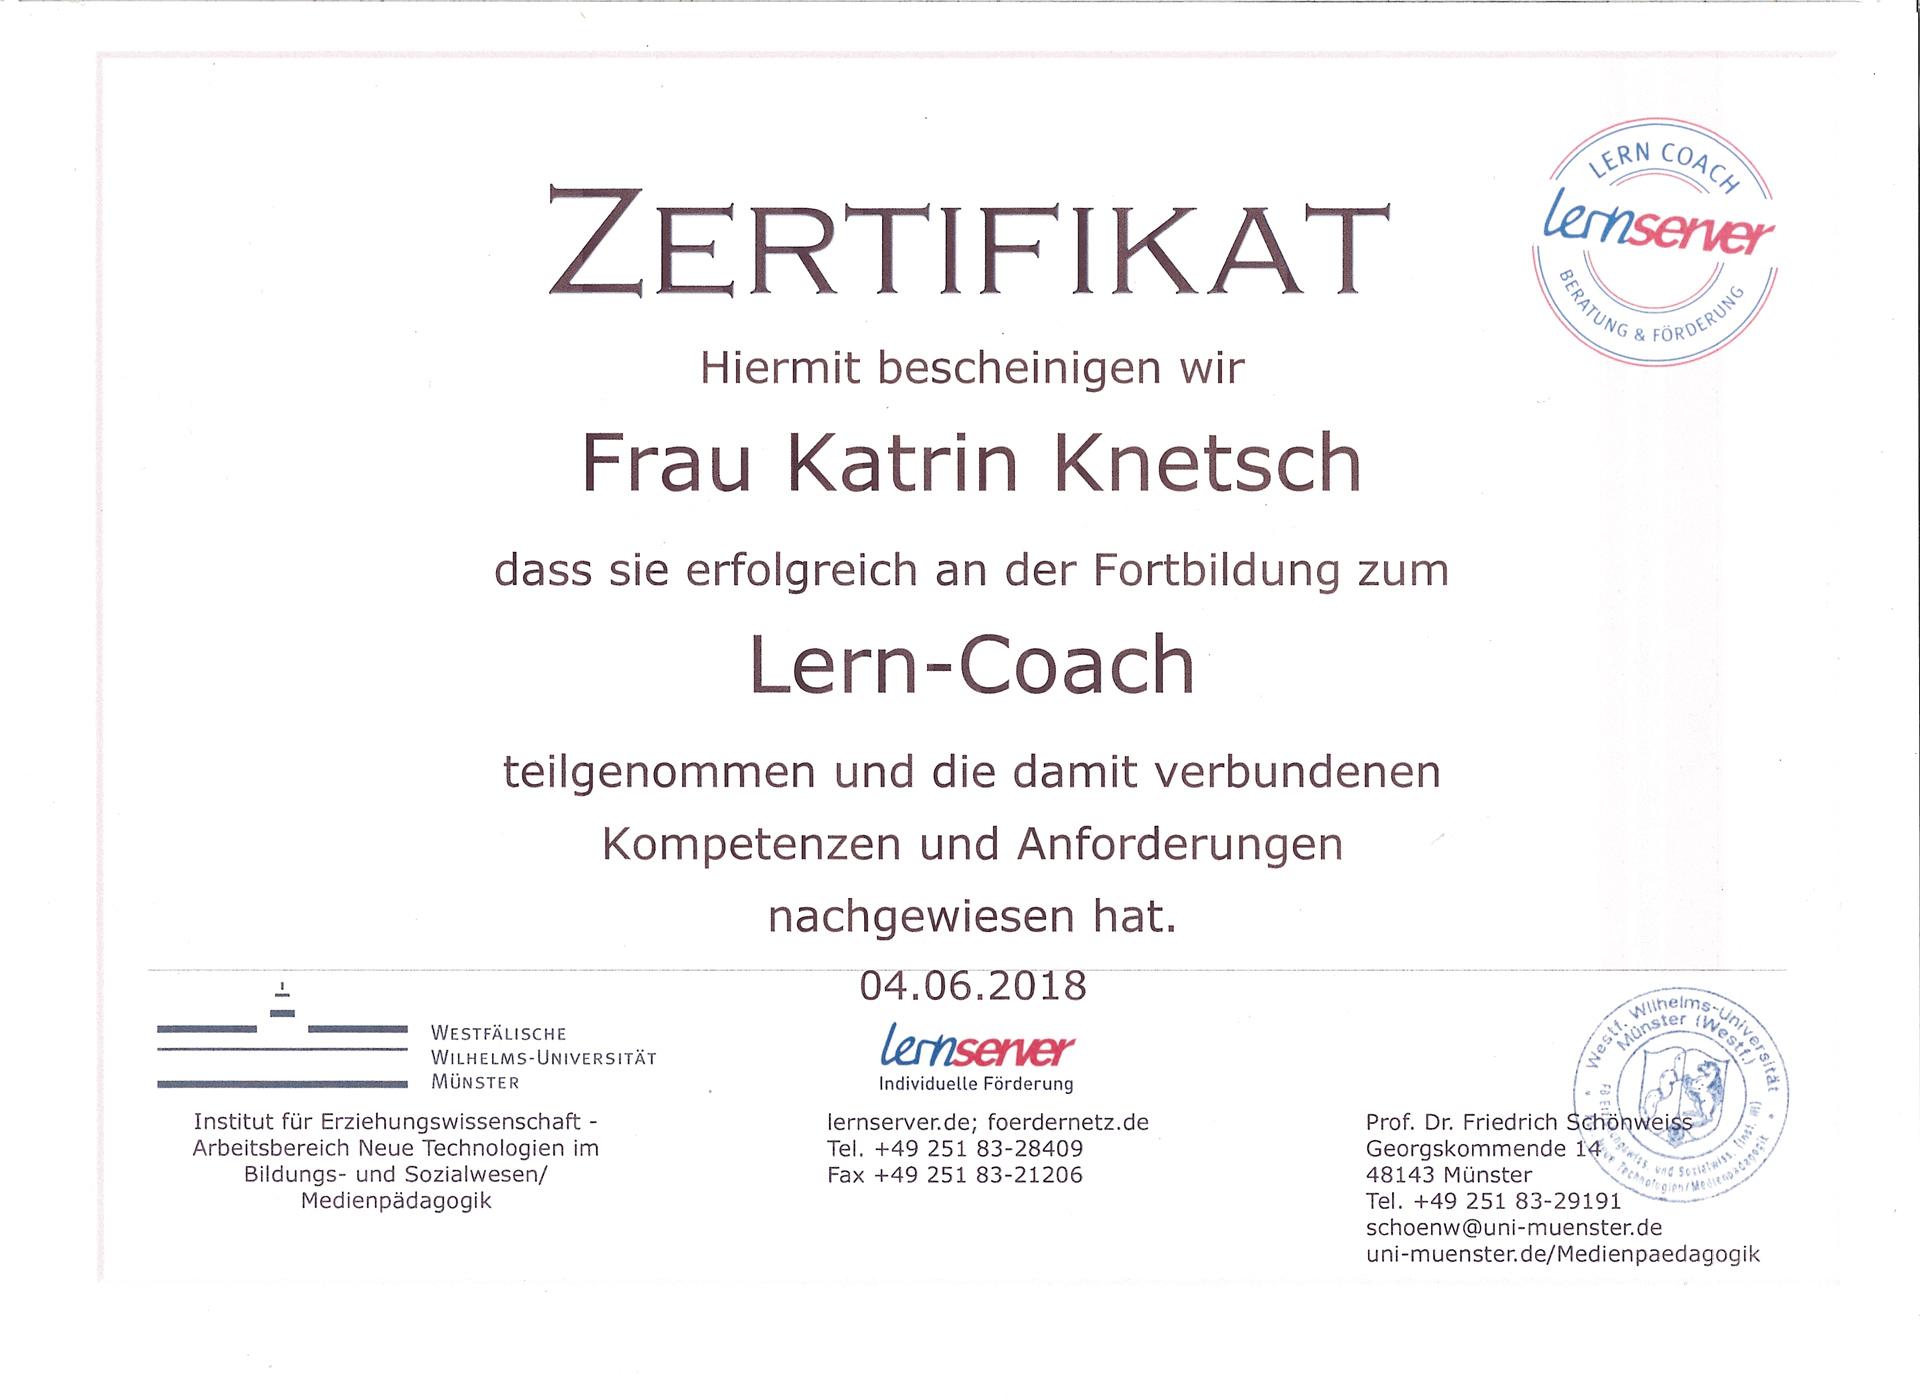 Lernserver - Zertifikat Katrin Knetsch